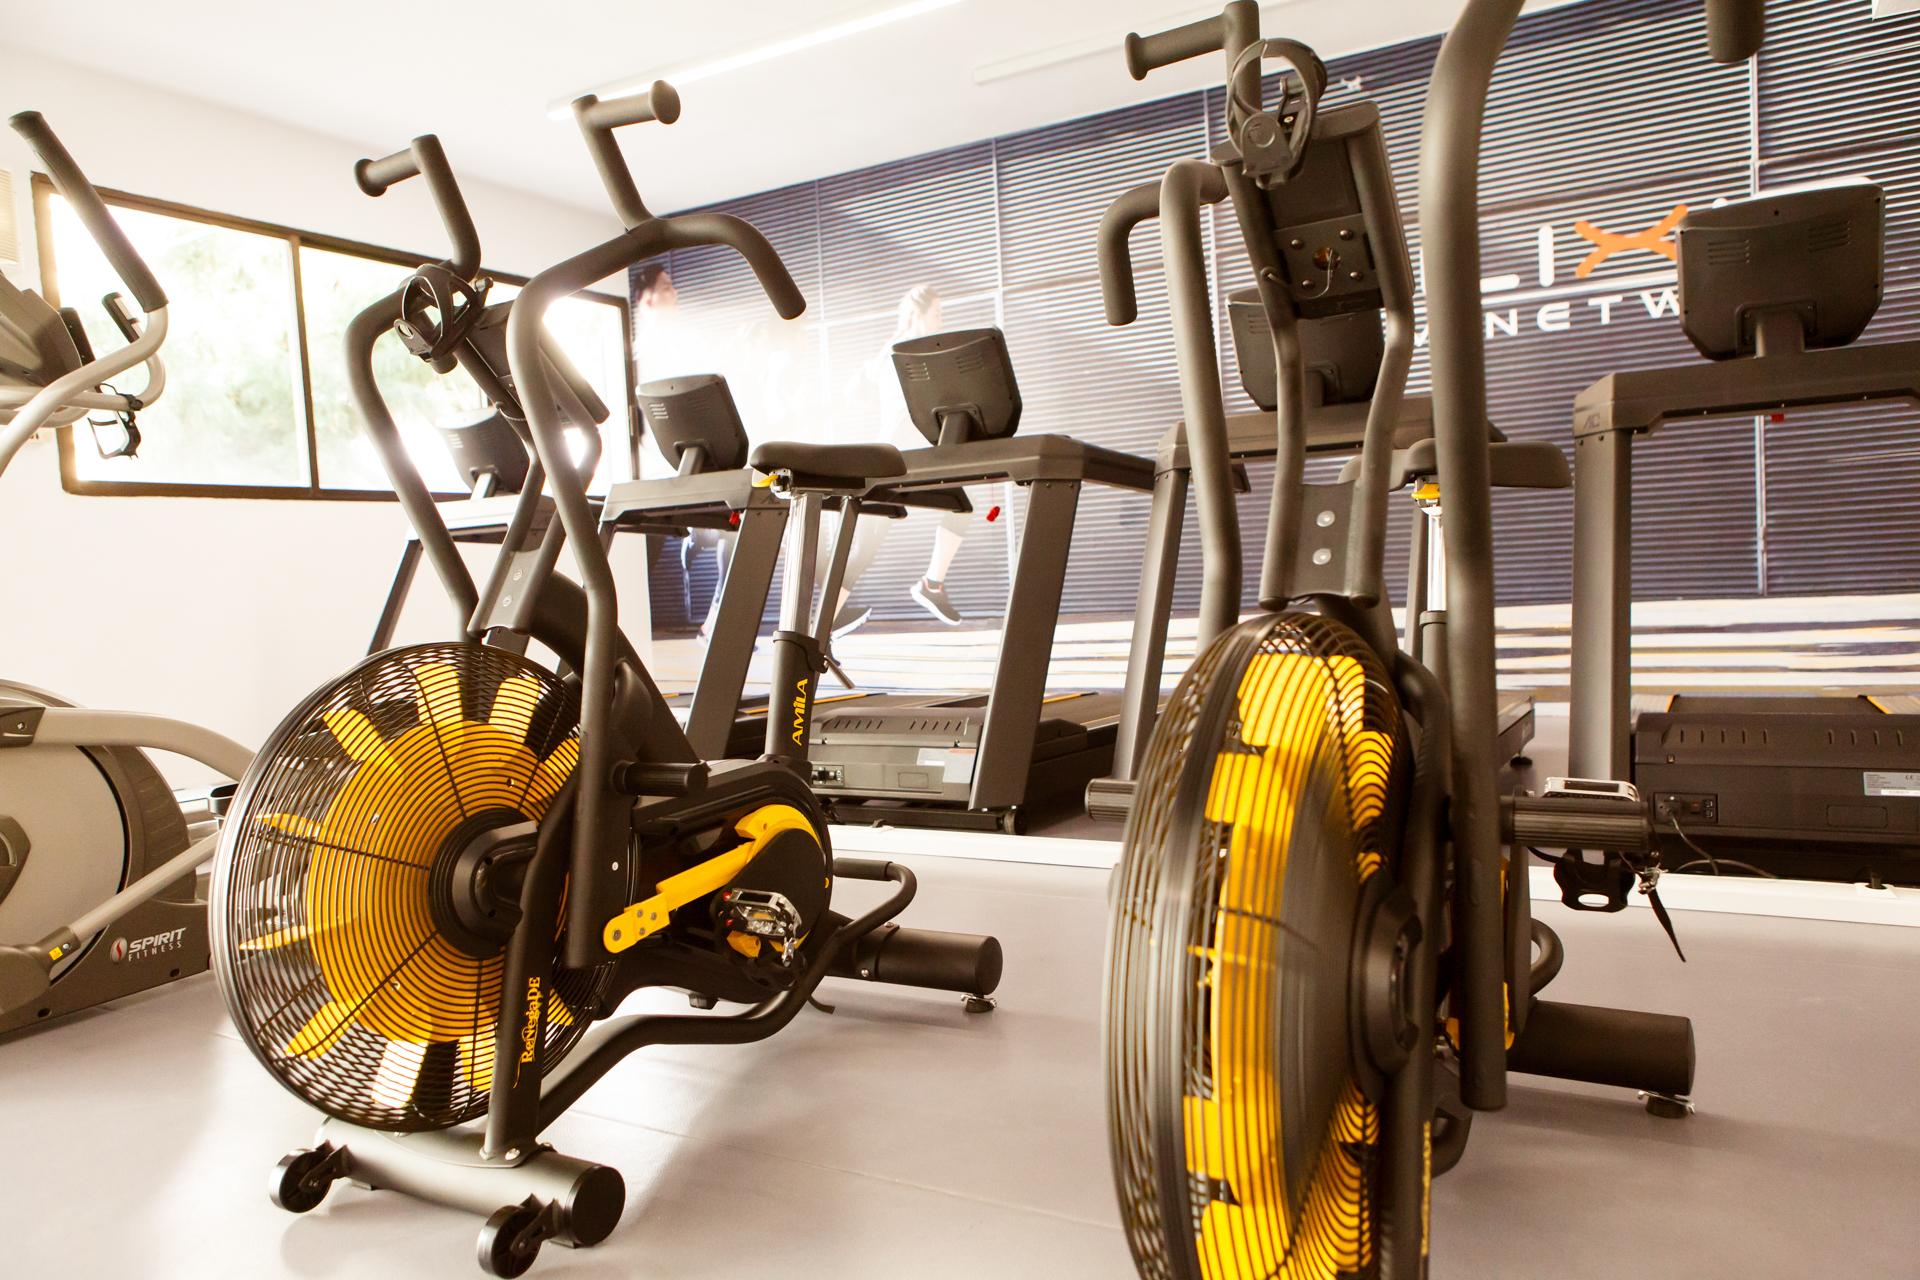 Meteora Elixir Gym & Pilates Studio Schedule